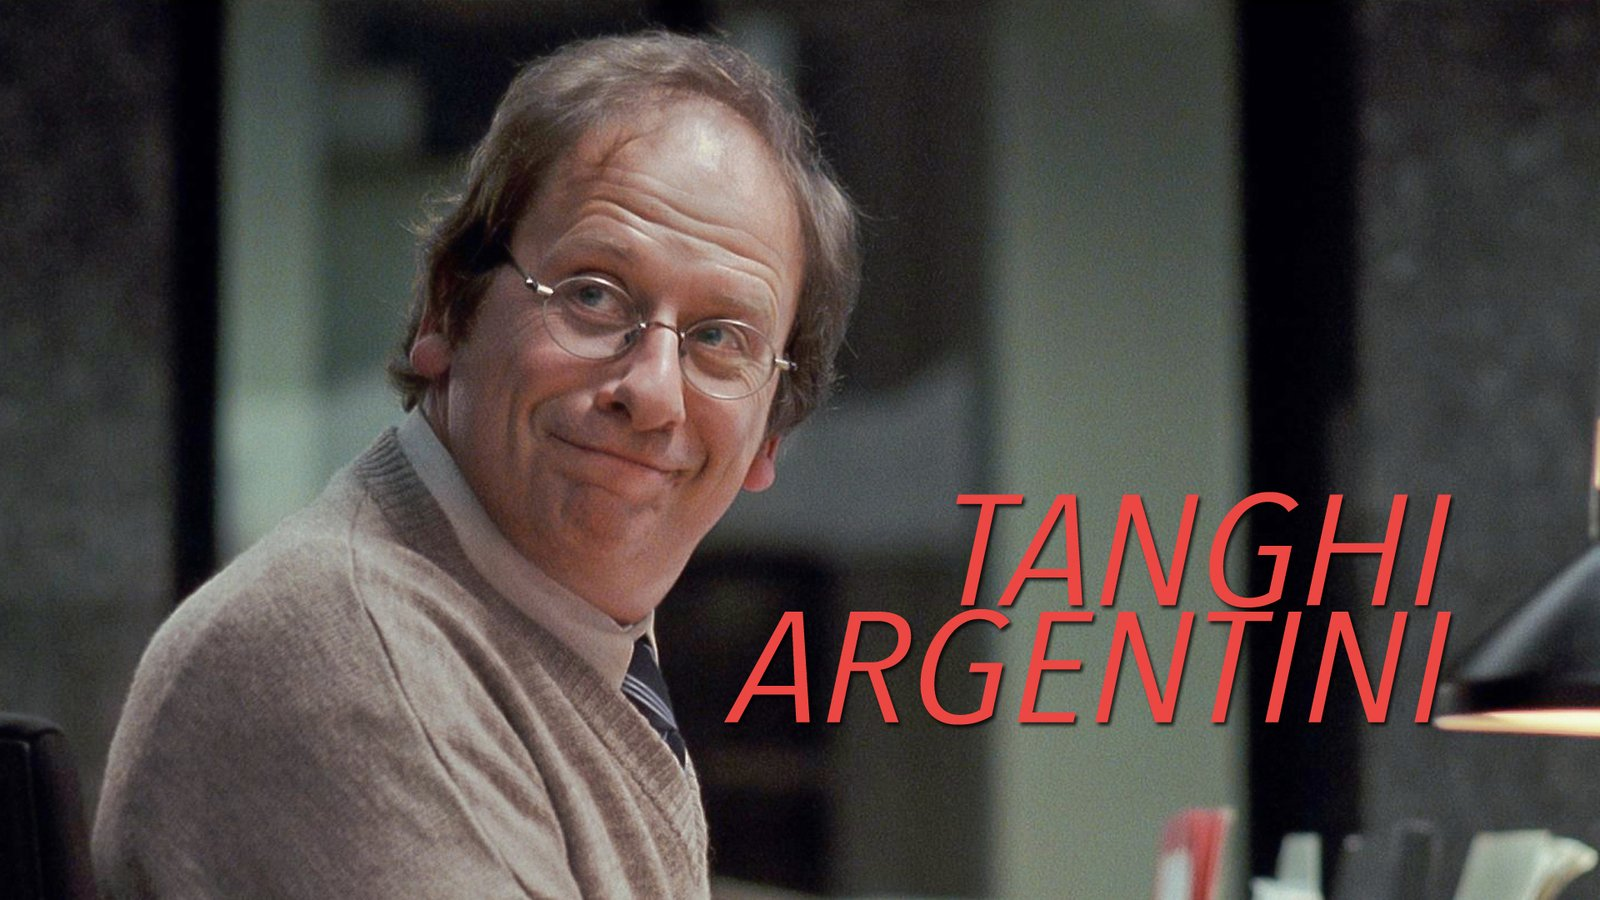 Tanghi Argentini